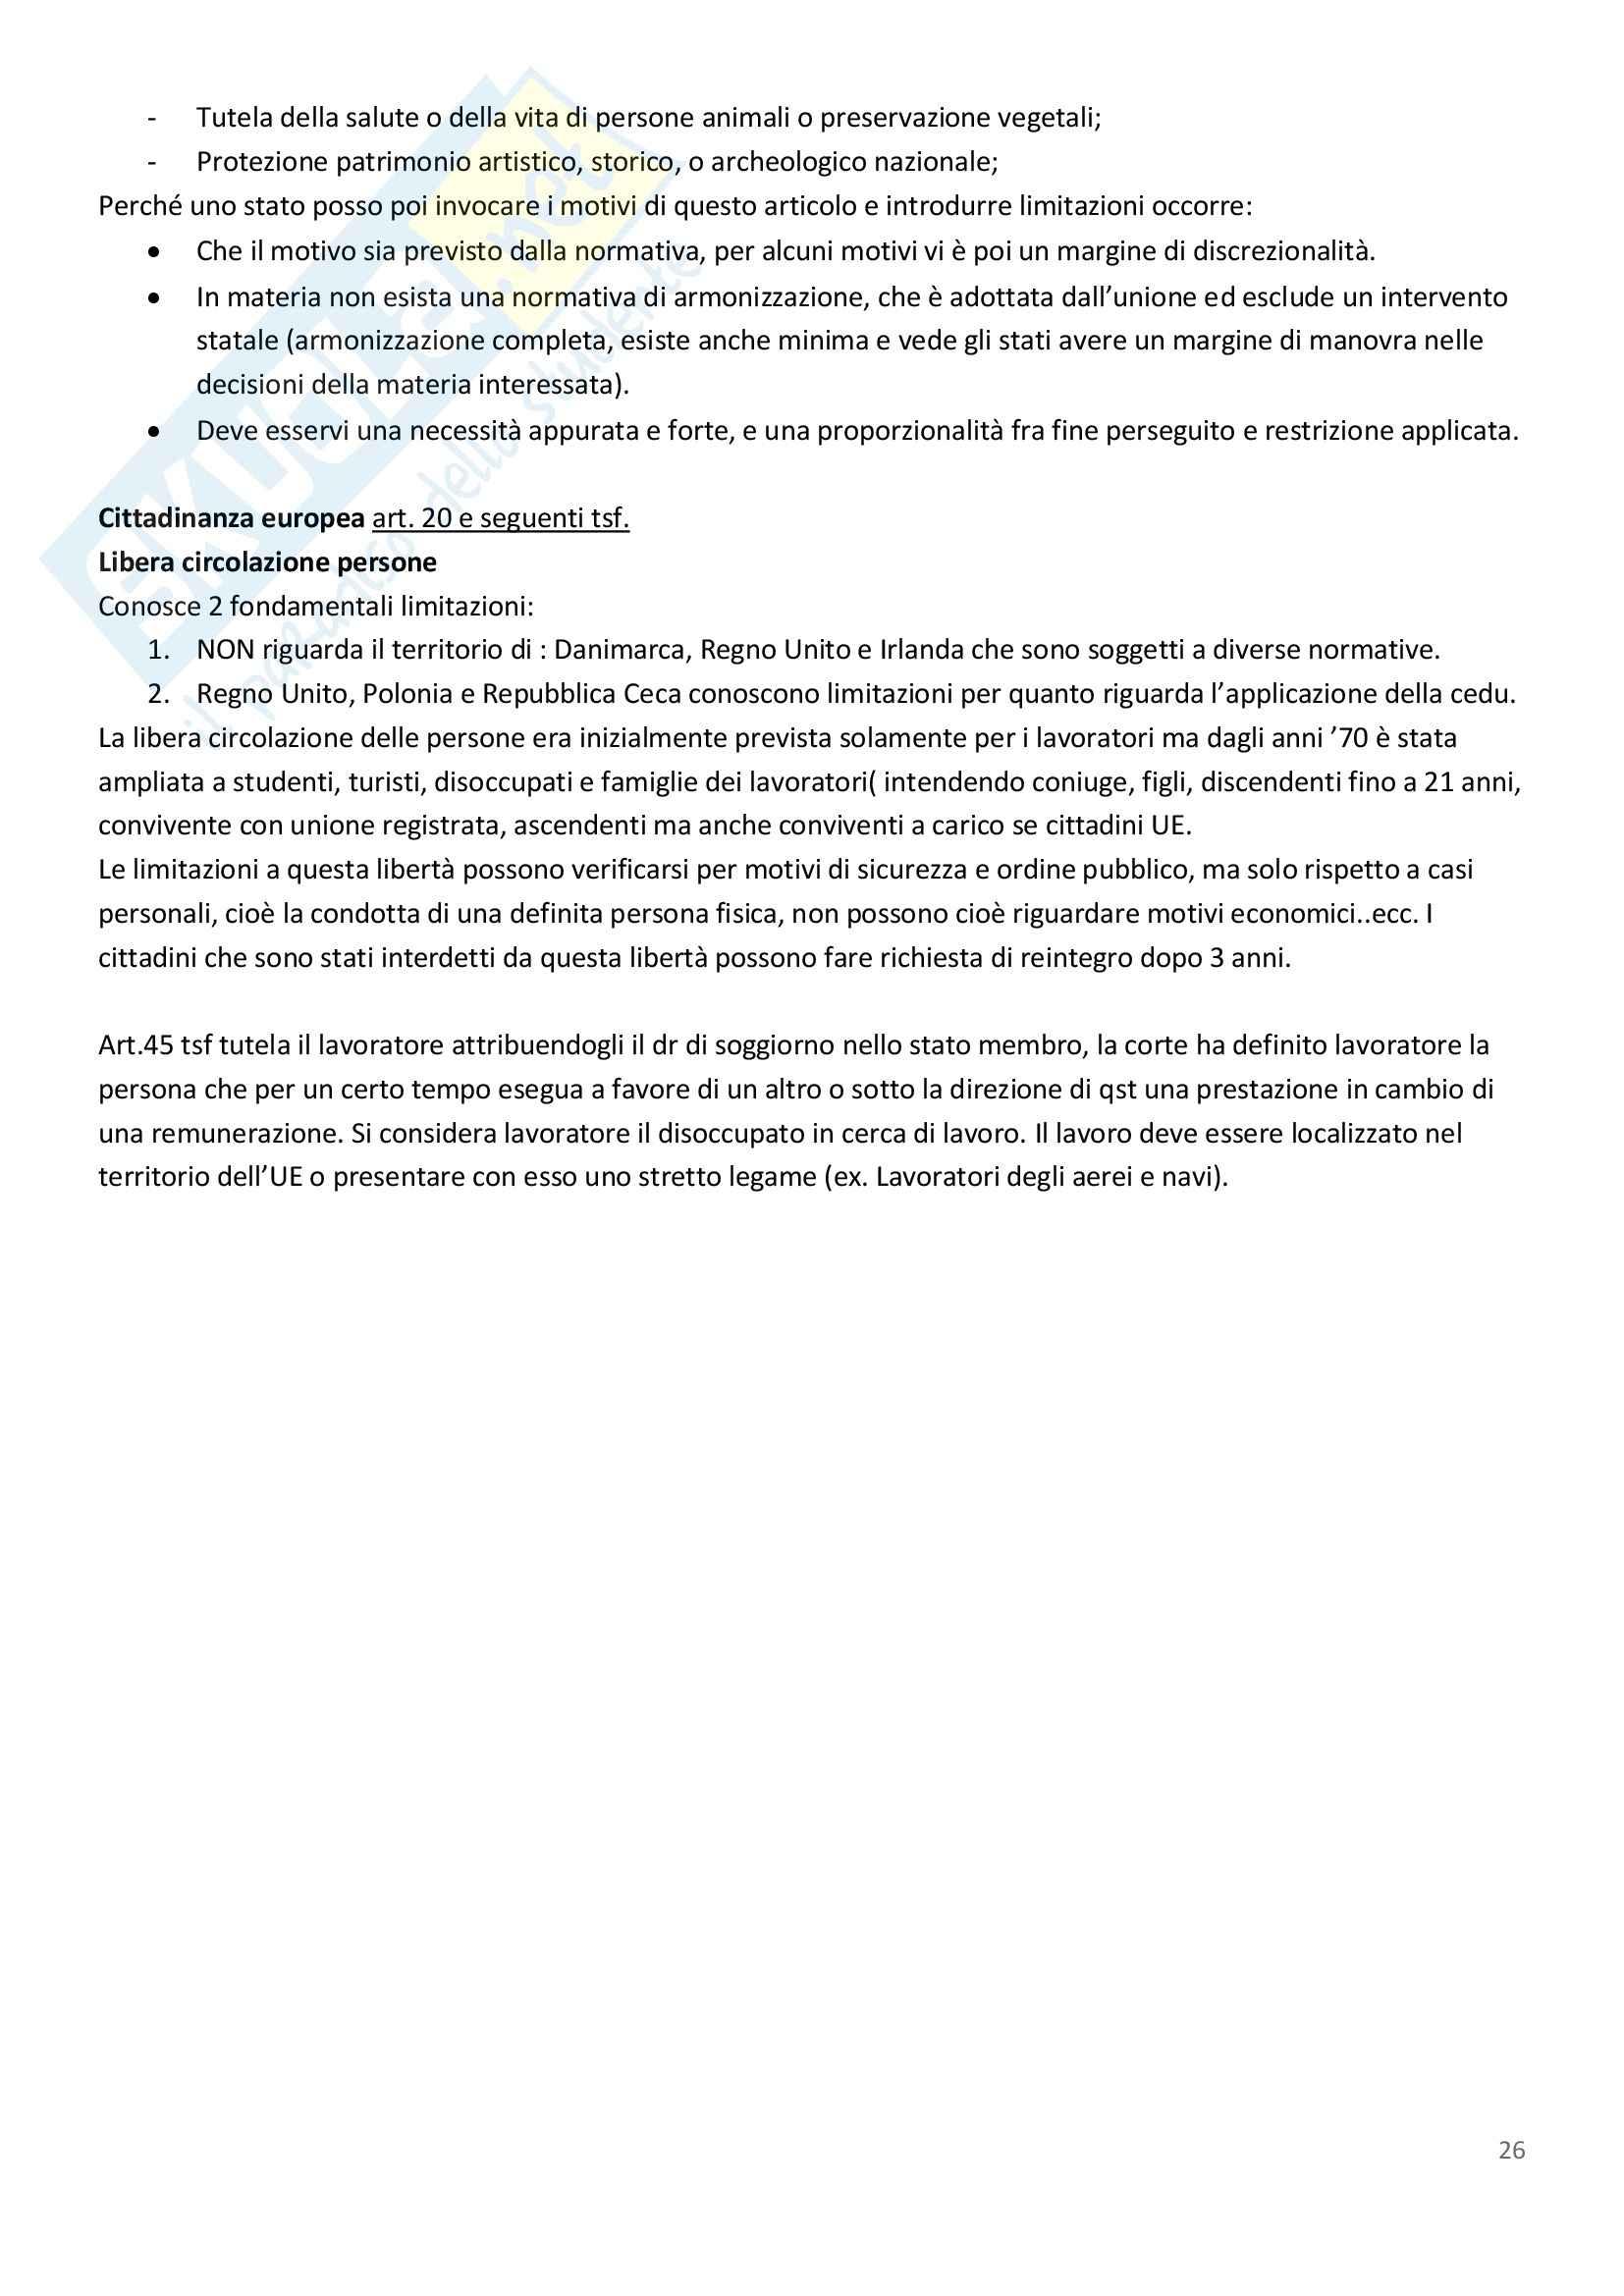 Diritto dell'Unione Europea - Appunti Pag. 26